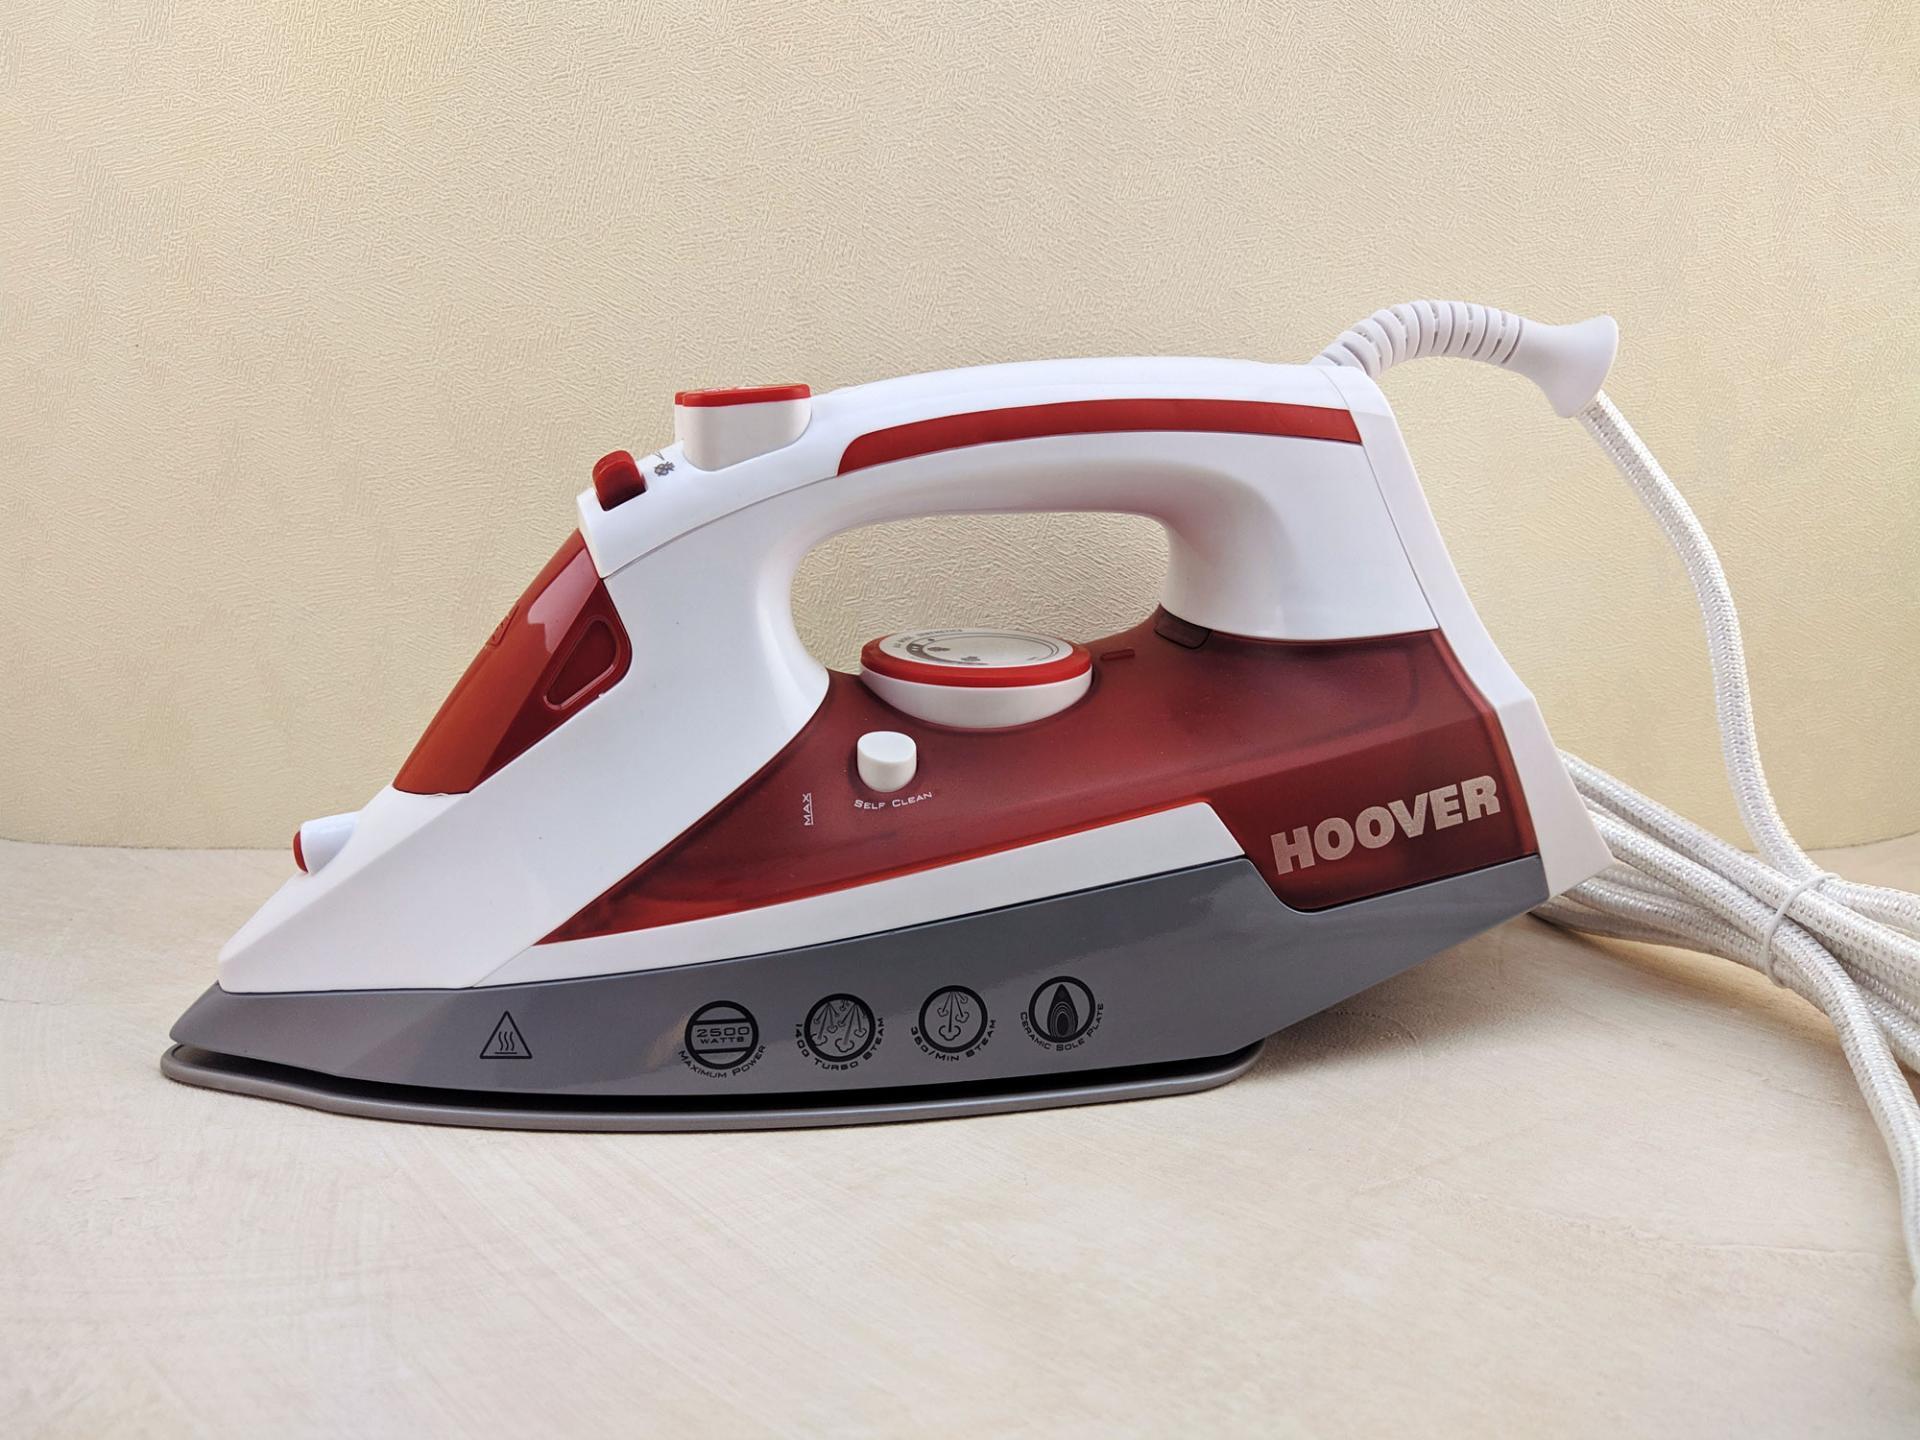 Тест-драйв утюга Hoover TIM 2500